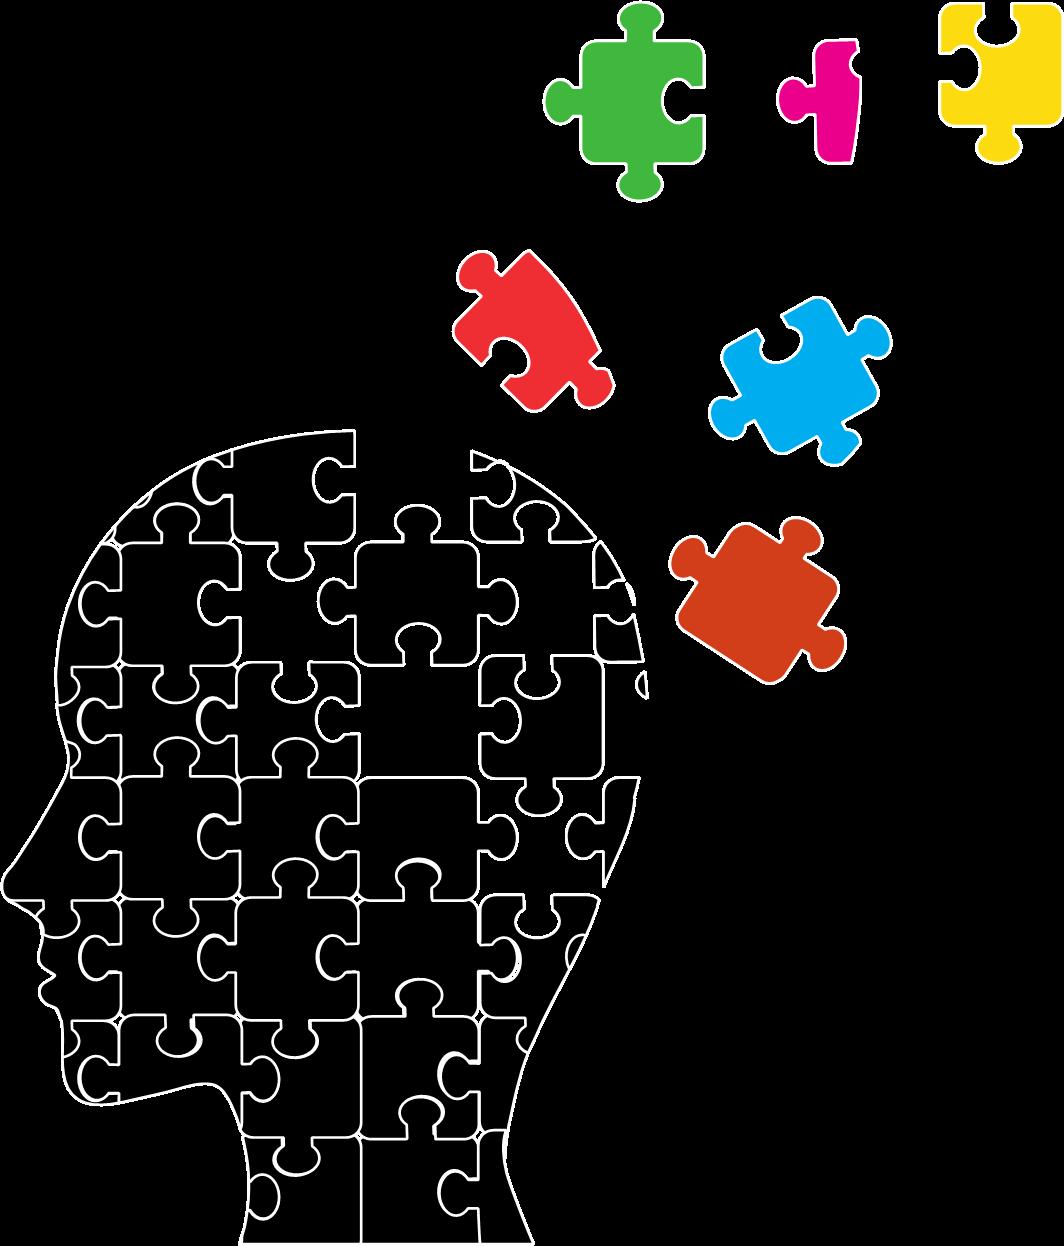 Mild impairment cognition disorder. Clipart brain cognitive